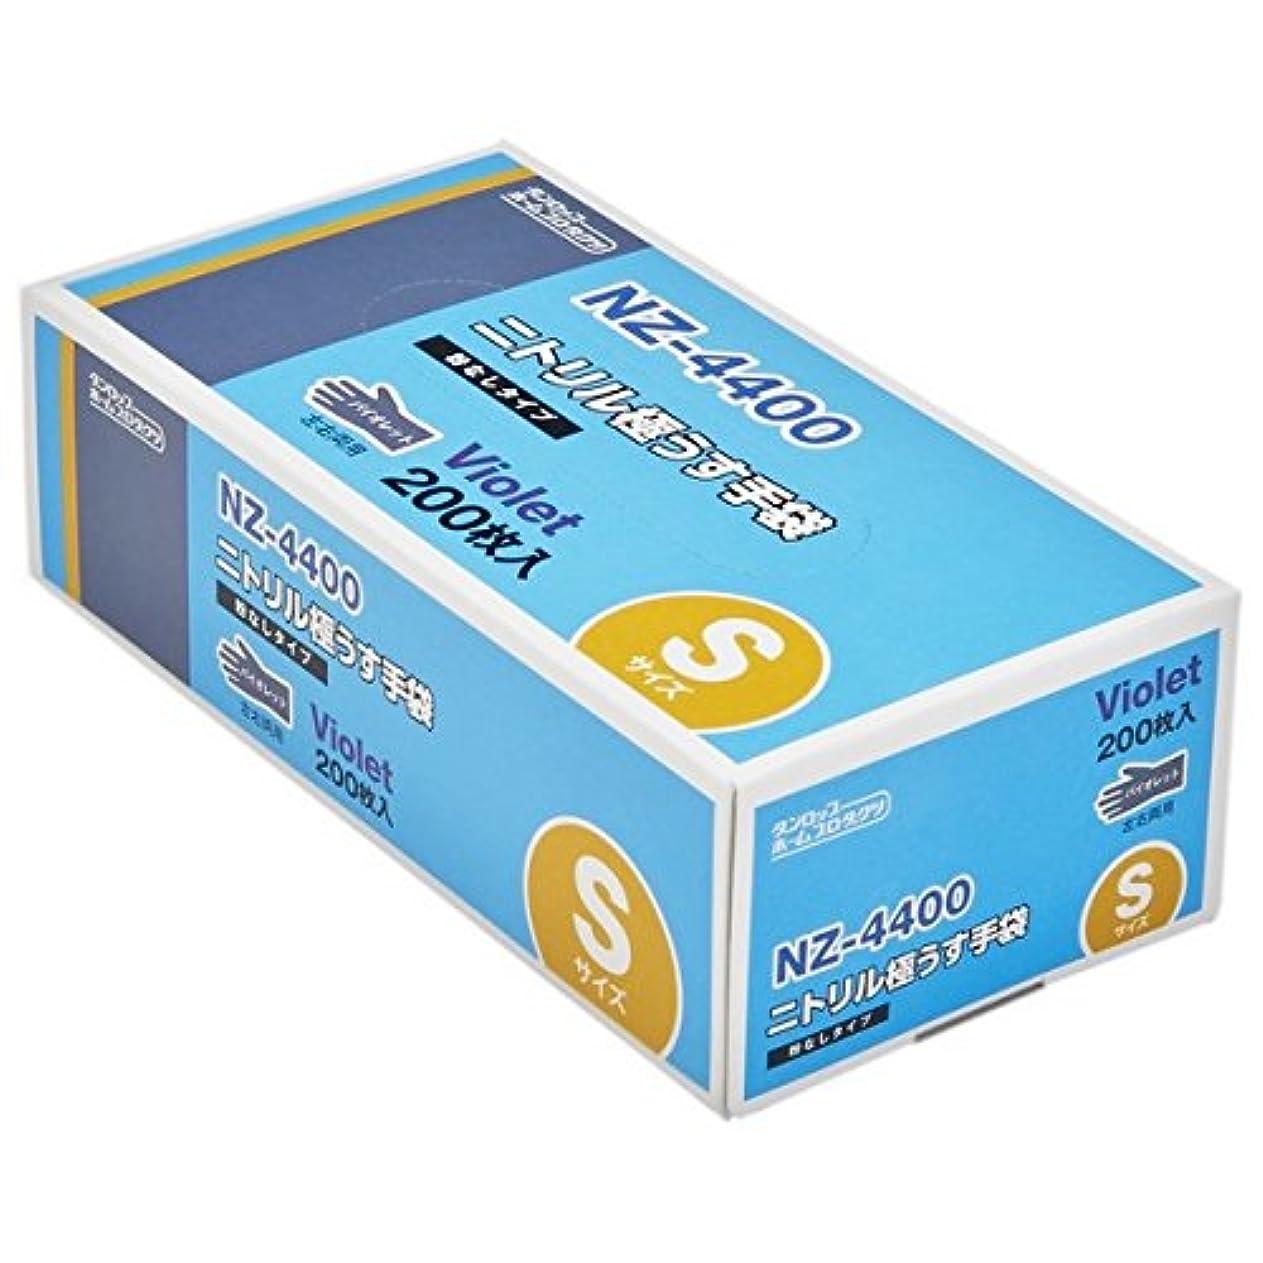 あなたは余剰平野ダンロップ ニトリル極うす手袋 NZ-4400 バイオレット 粉なし Sサイズ 200枚入